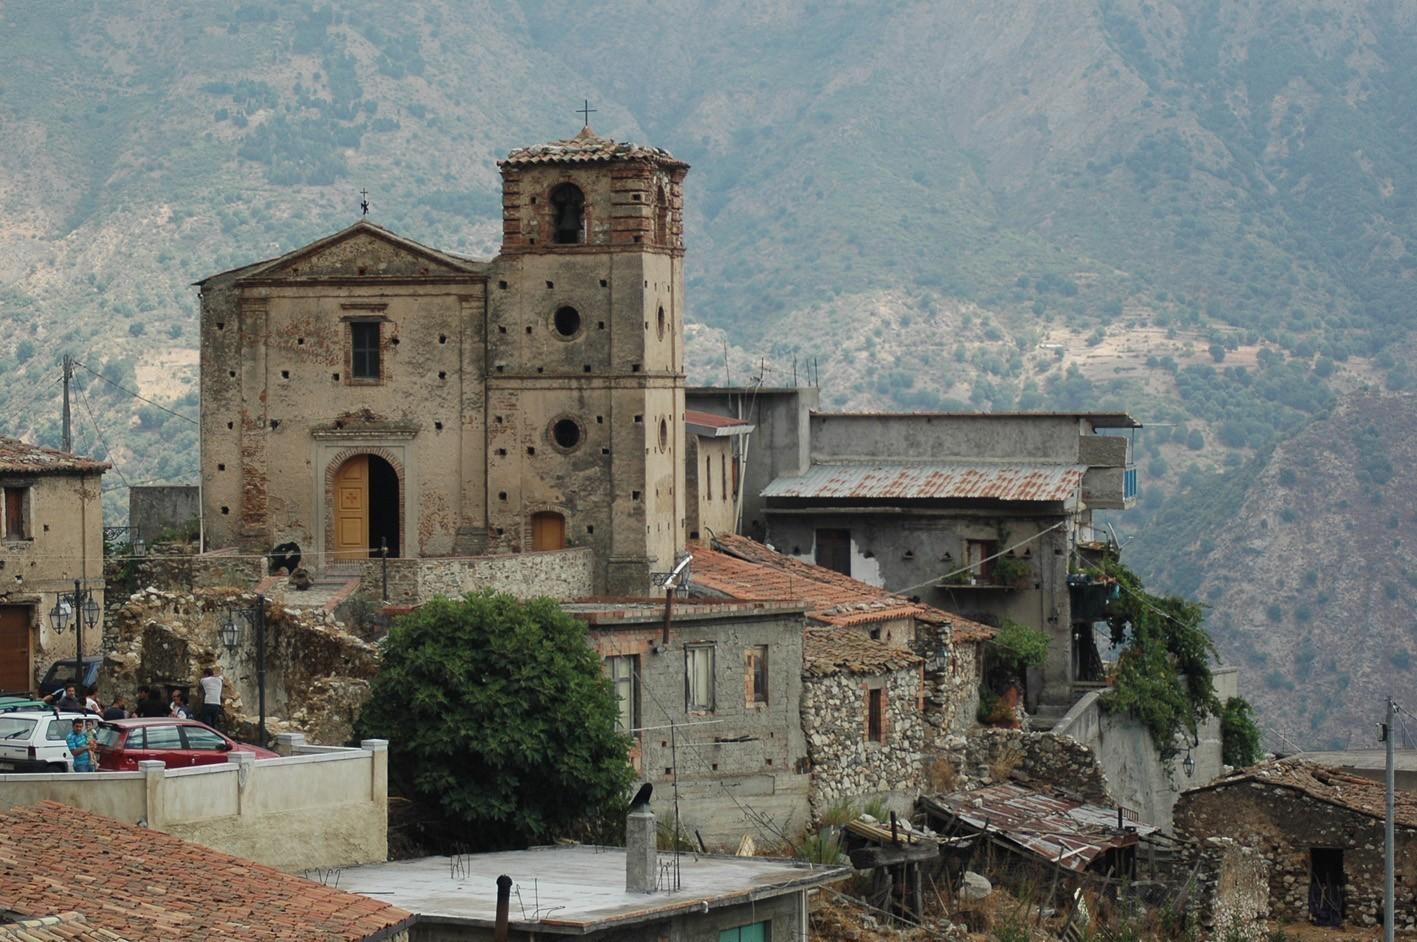 foto della chiesa ortodossa a Gallicianò